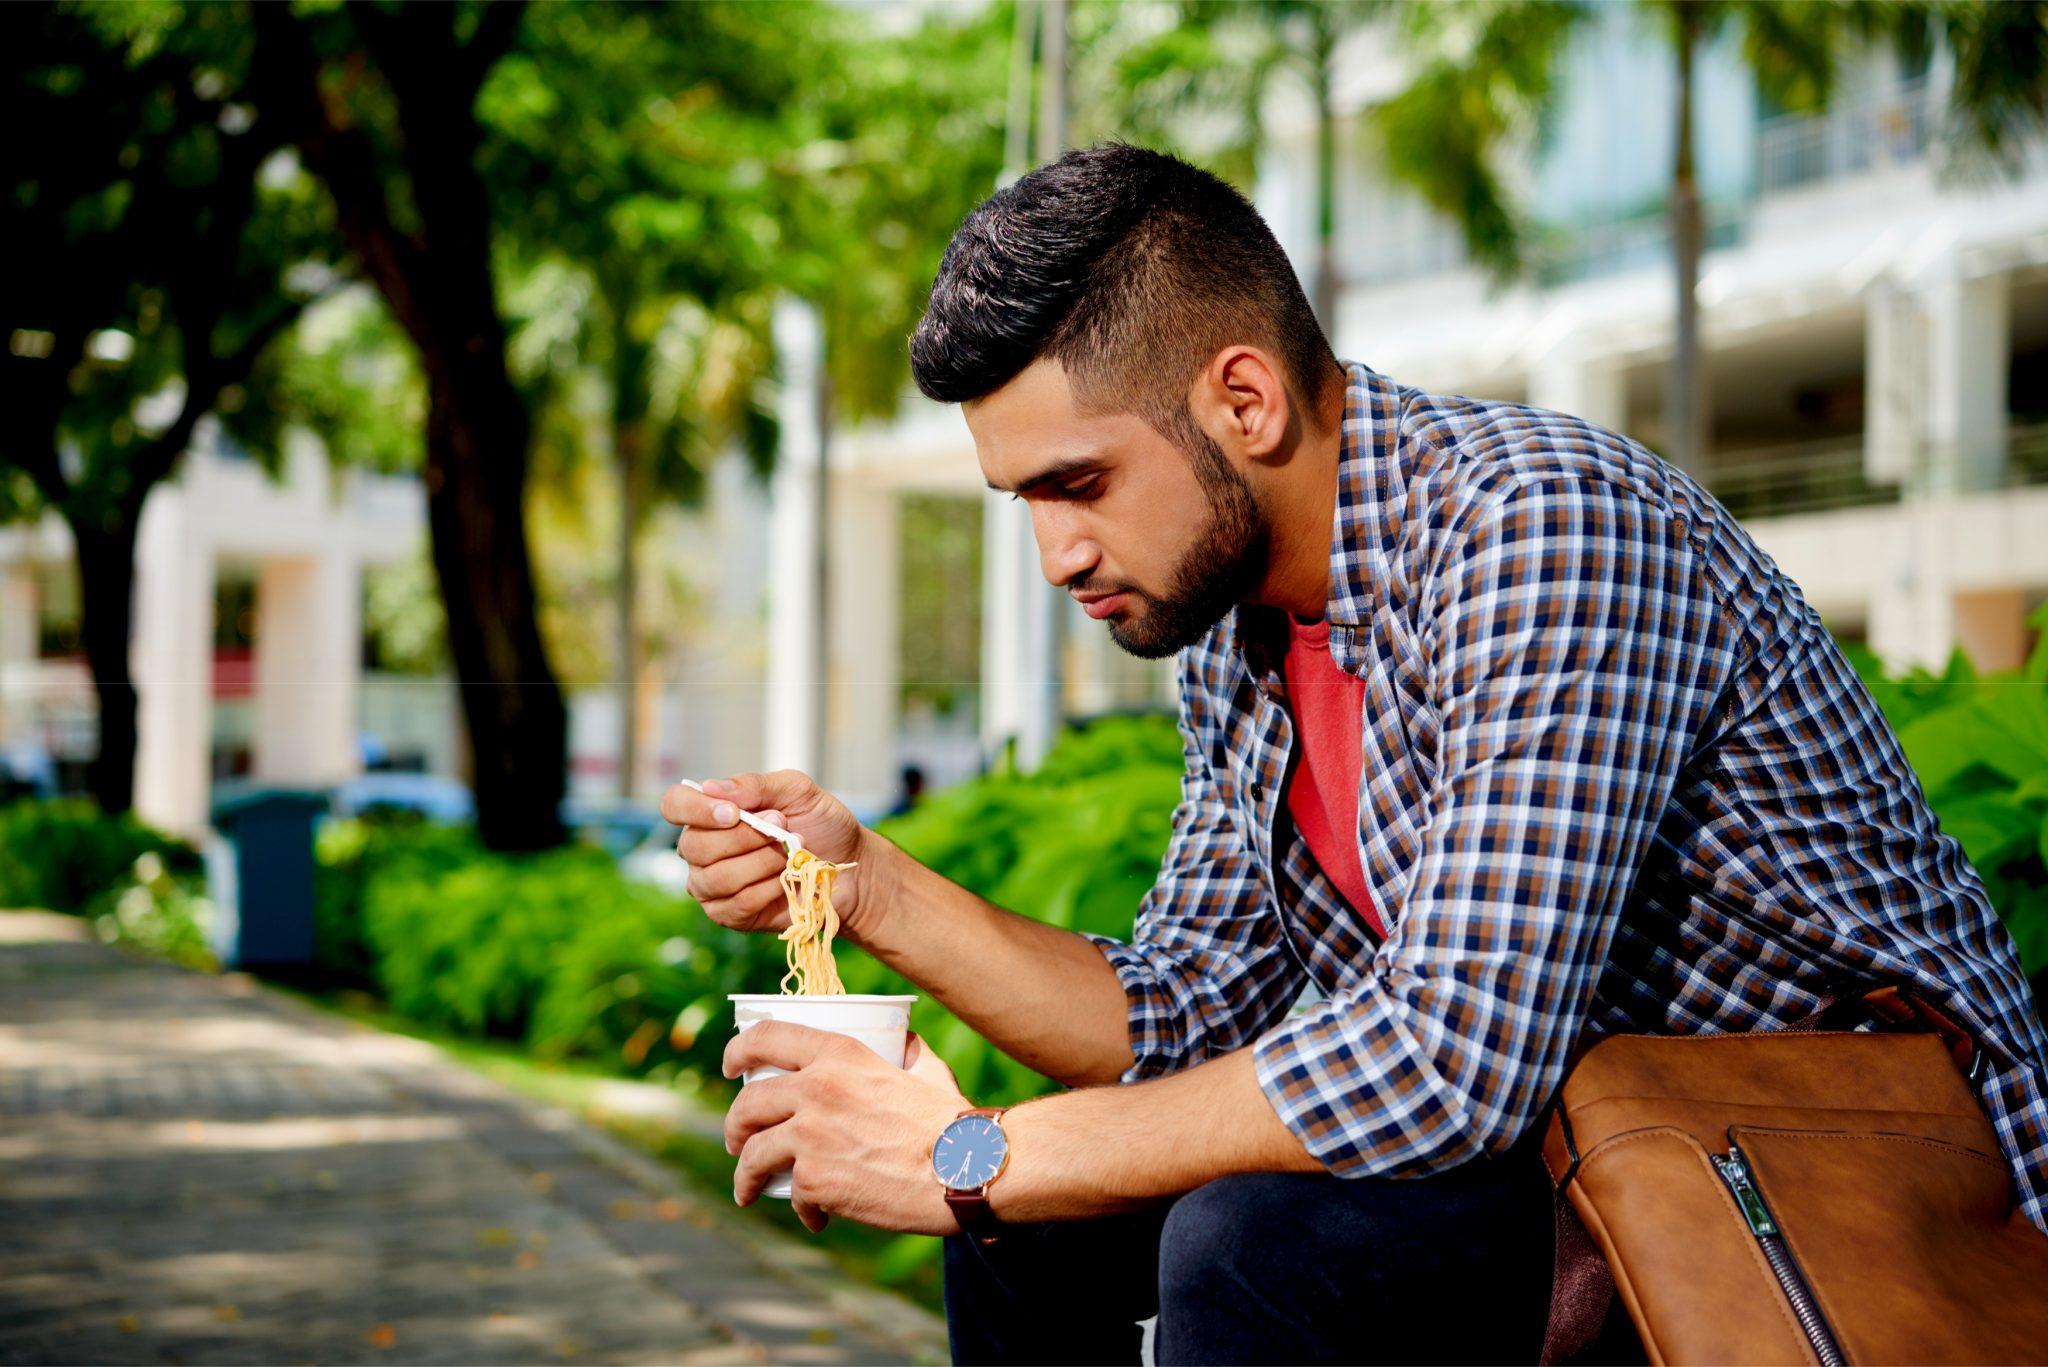 ベンチでカップラーメンを食べている男性